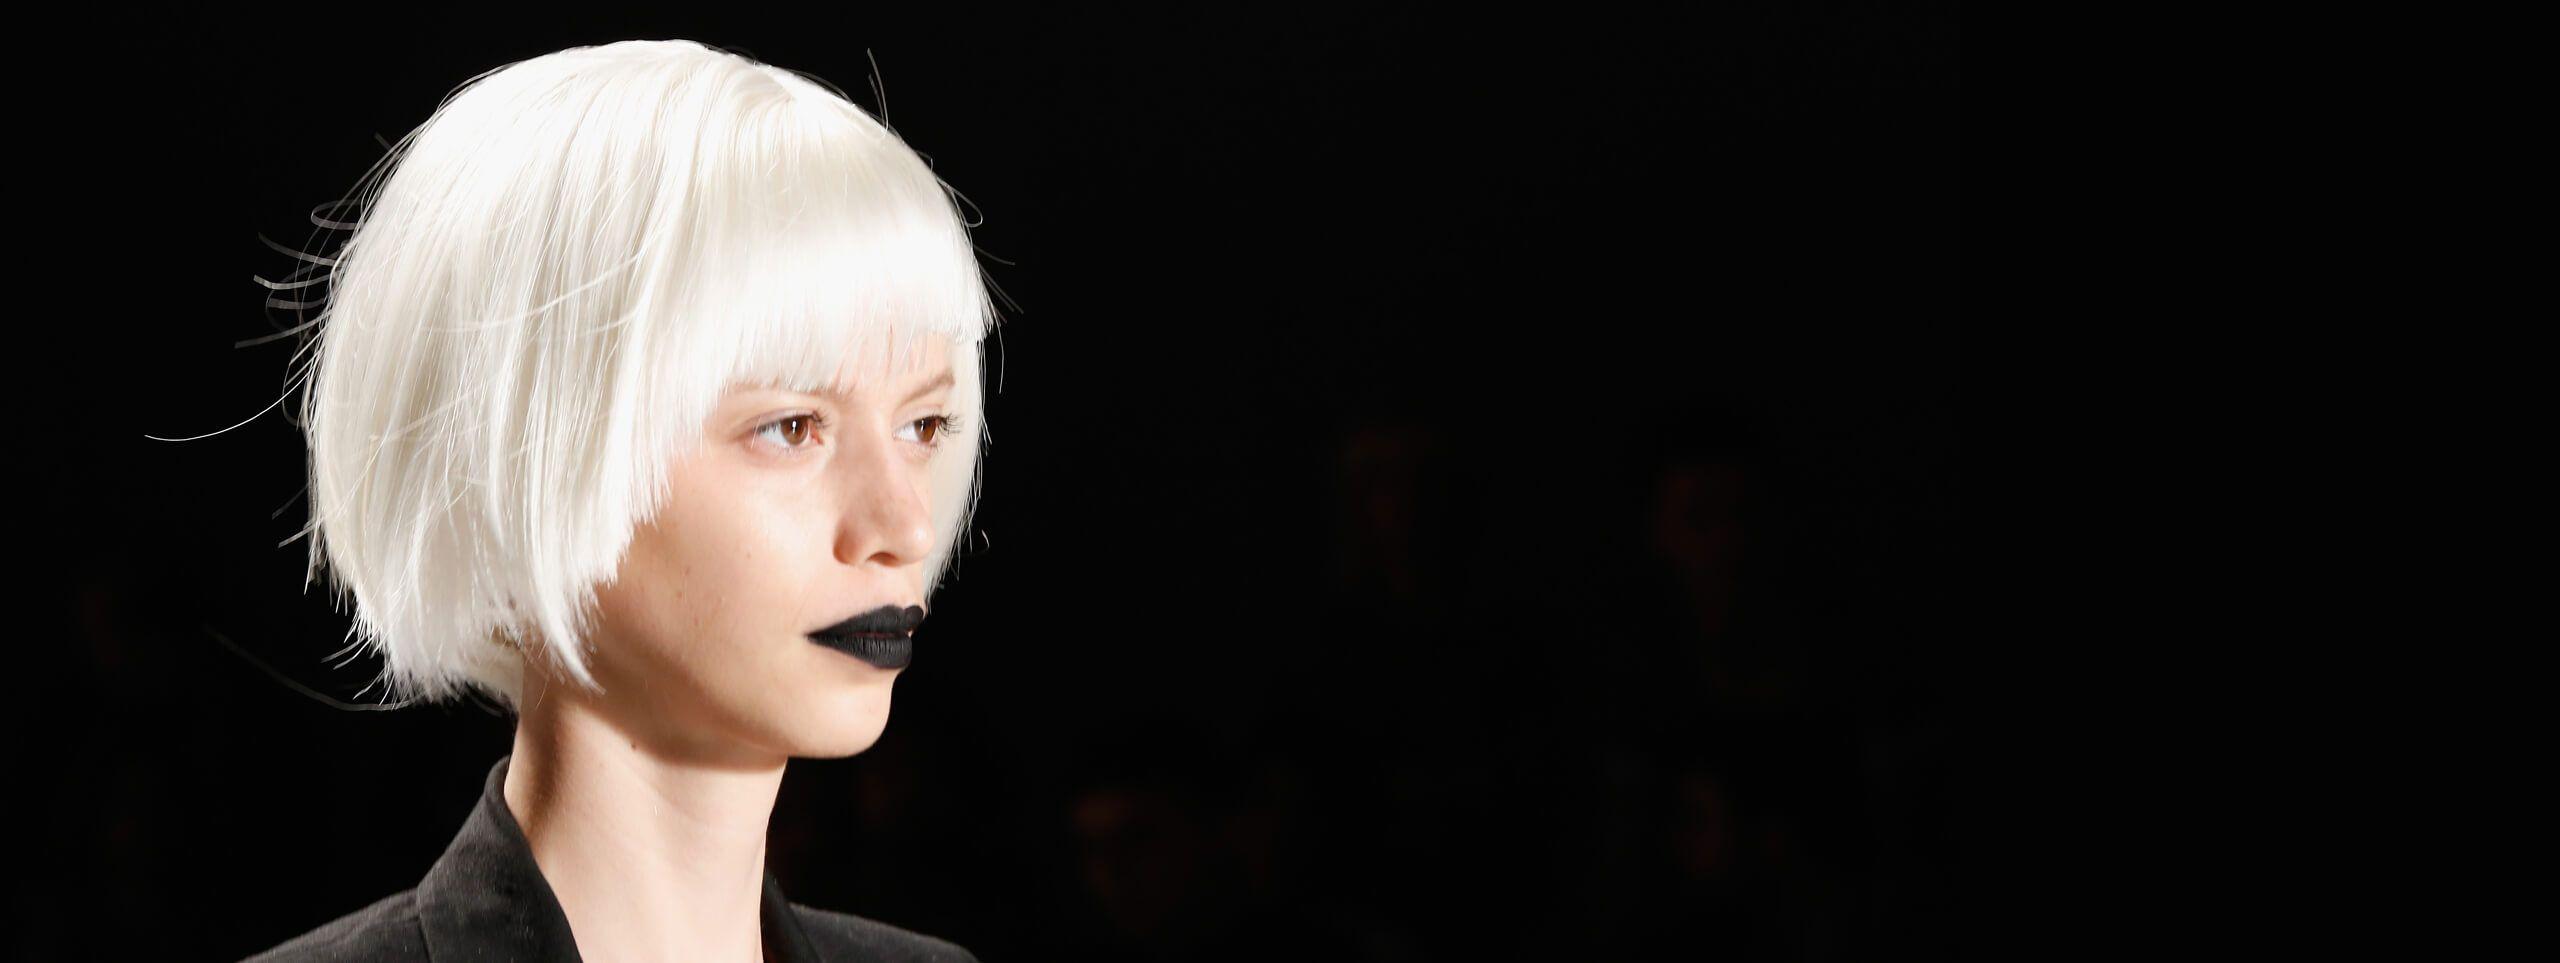 Modelo pasarela pelo blanco con peinado bob